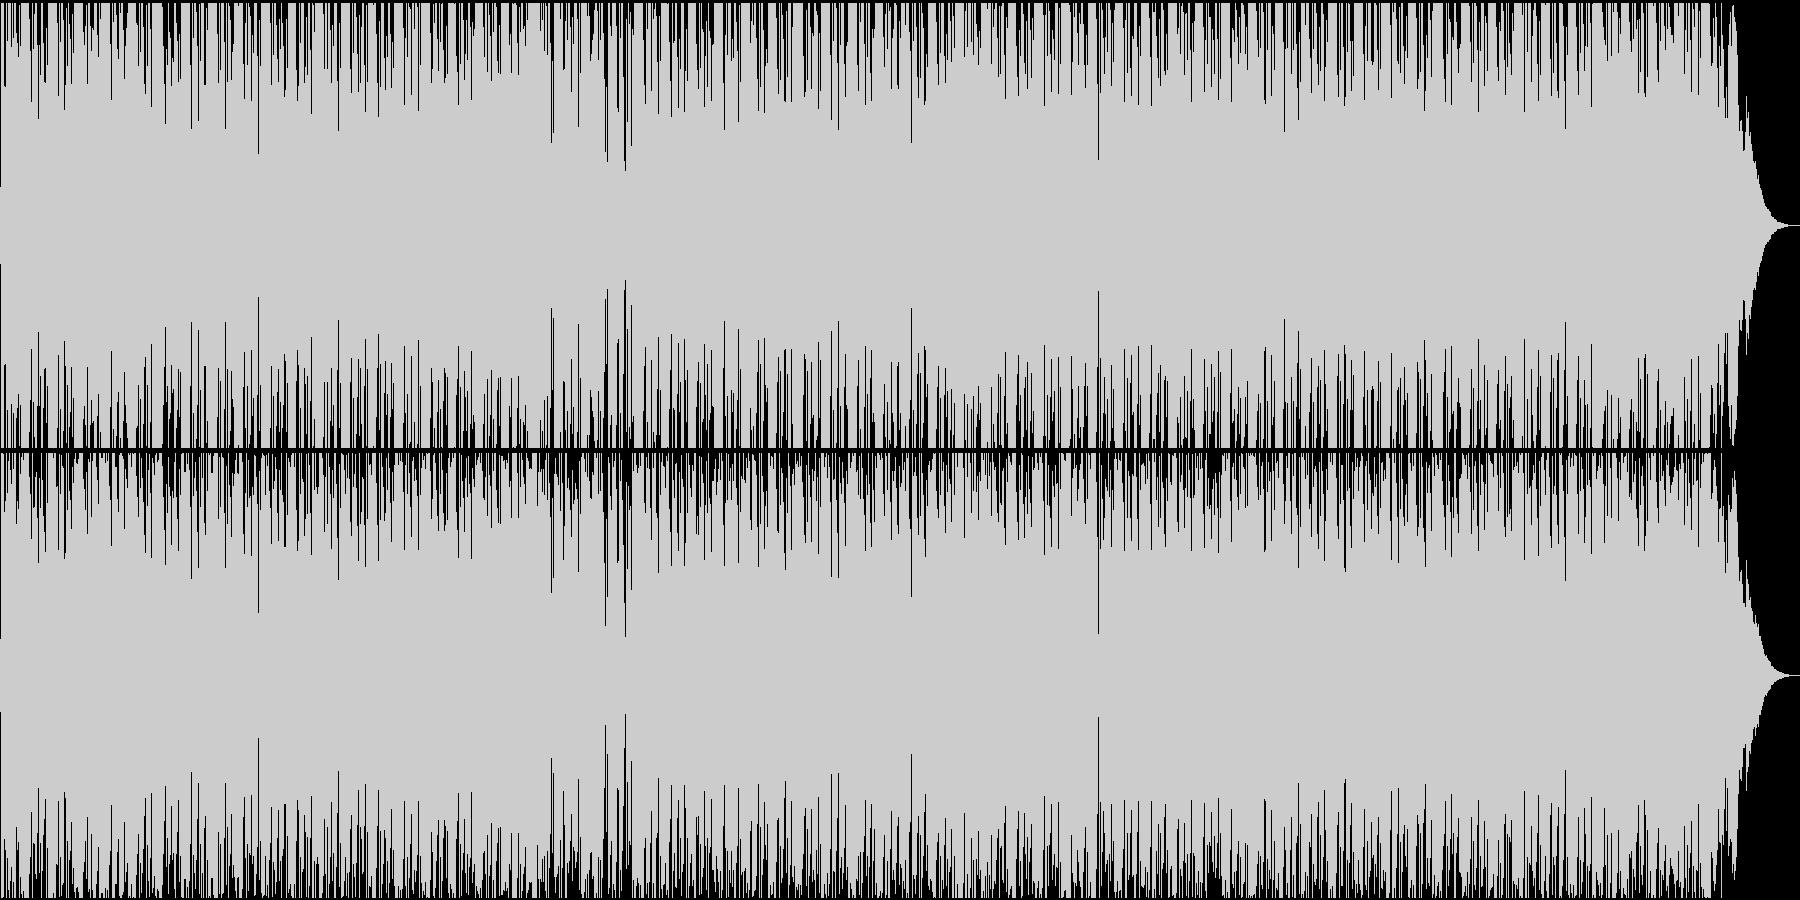 ハードなタイプのブルースの未再生の波形